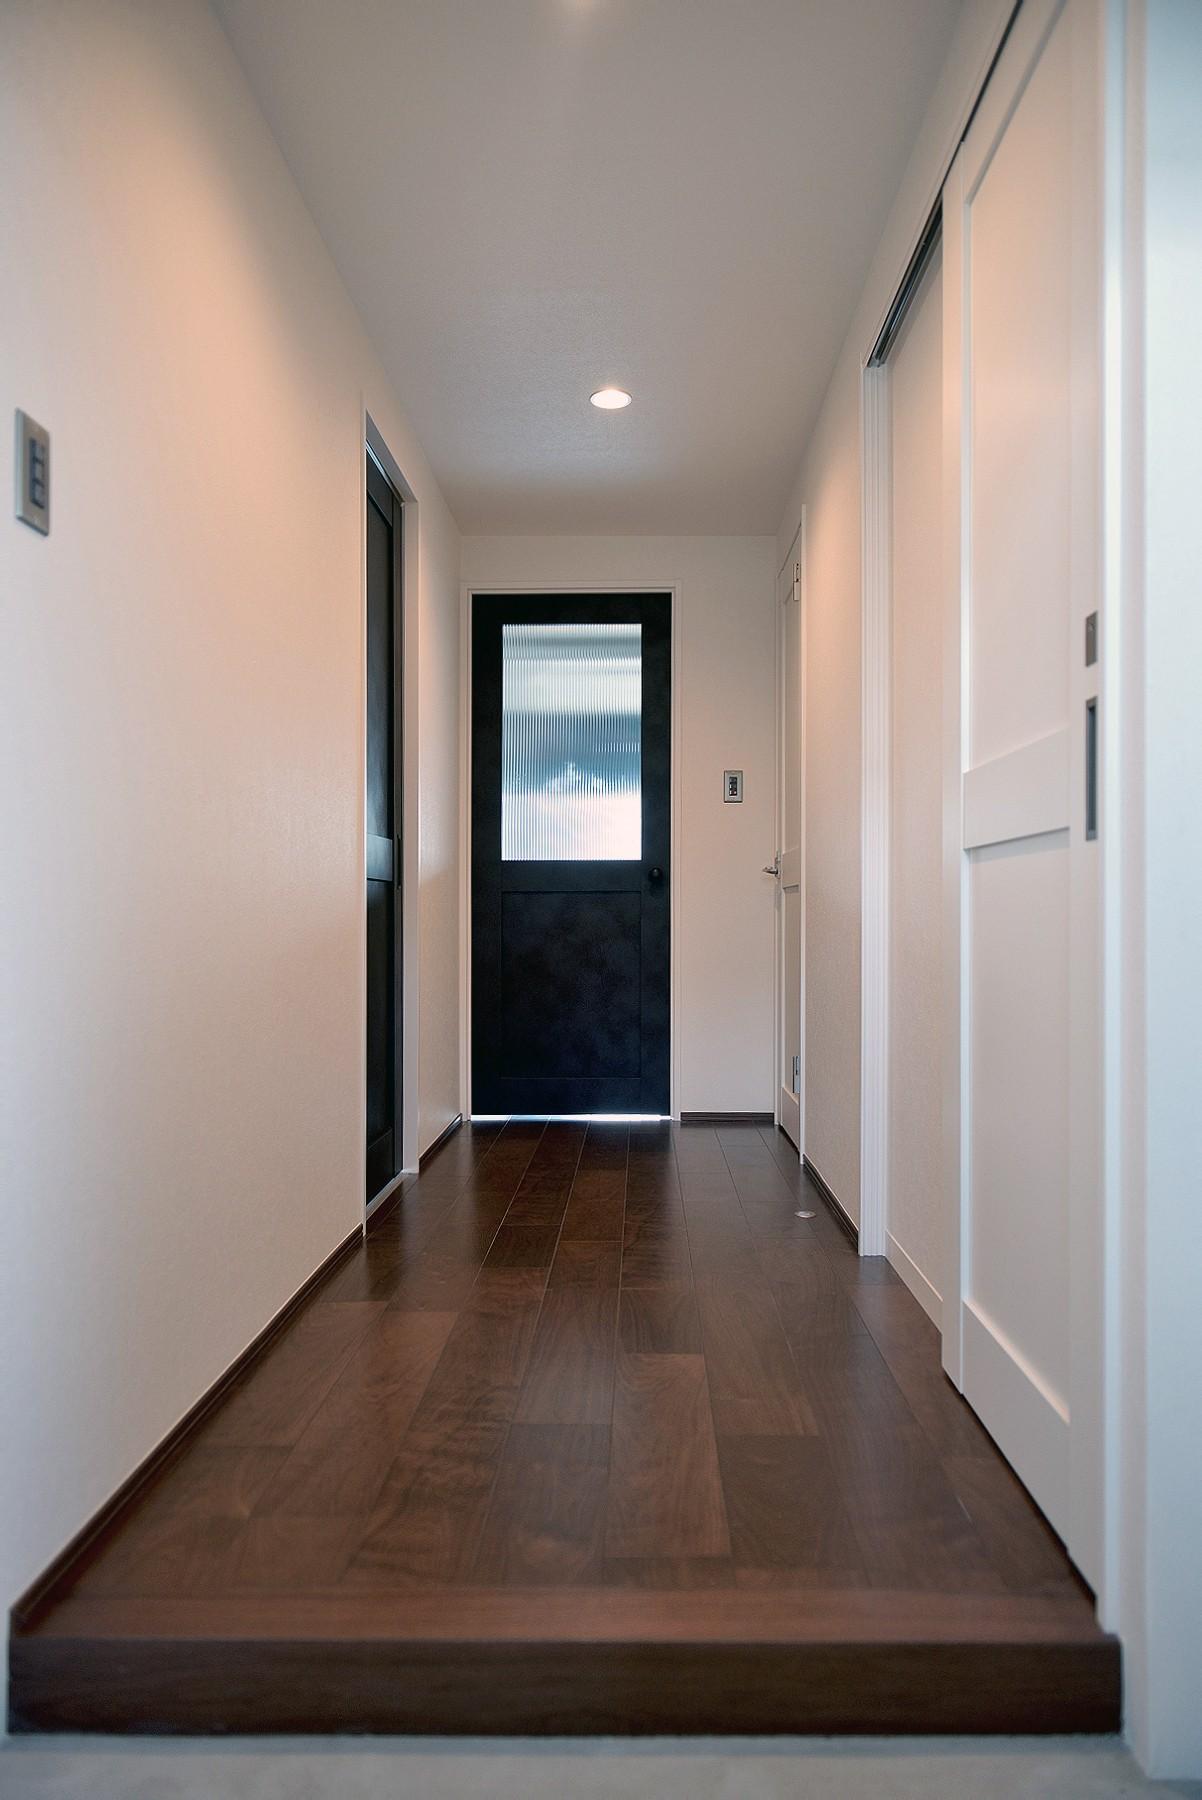 玄関事例:玄関~廊下(モルタル仕上げのキッチン×キャットステップのあるワンストップリノベーション住まい)